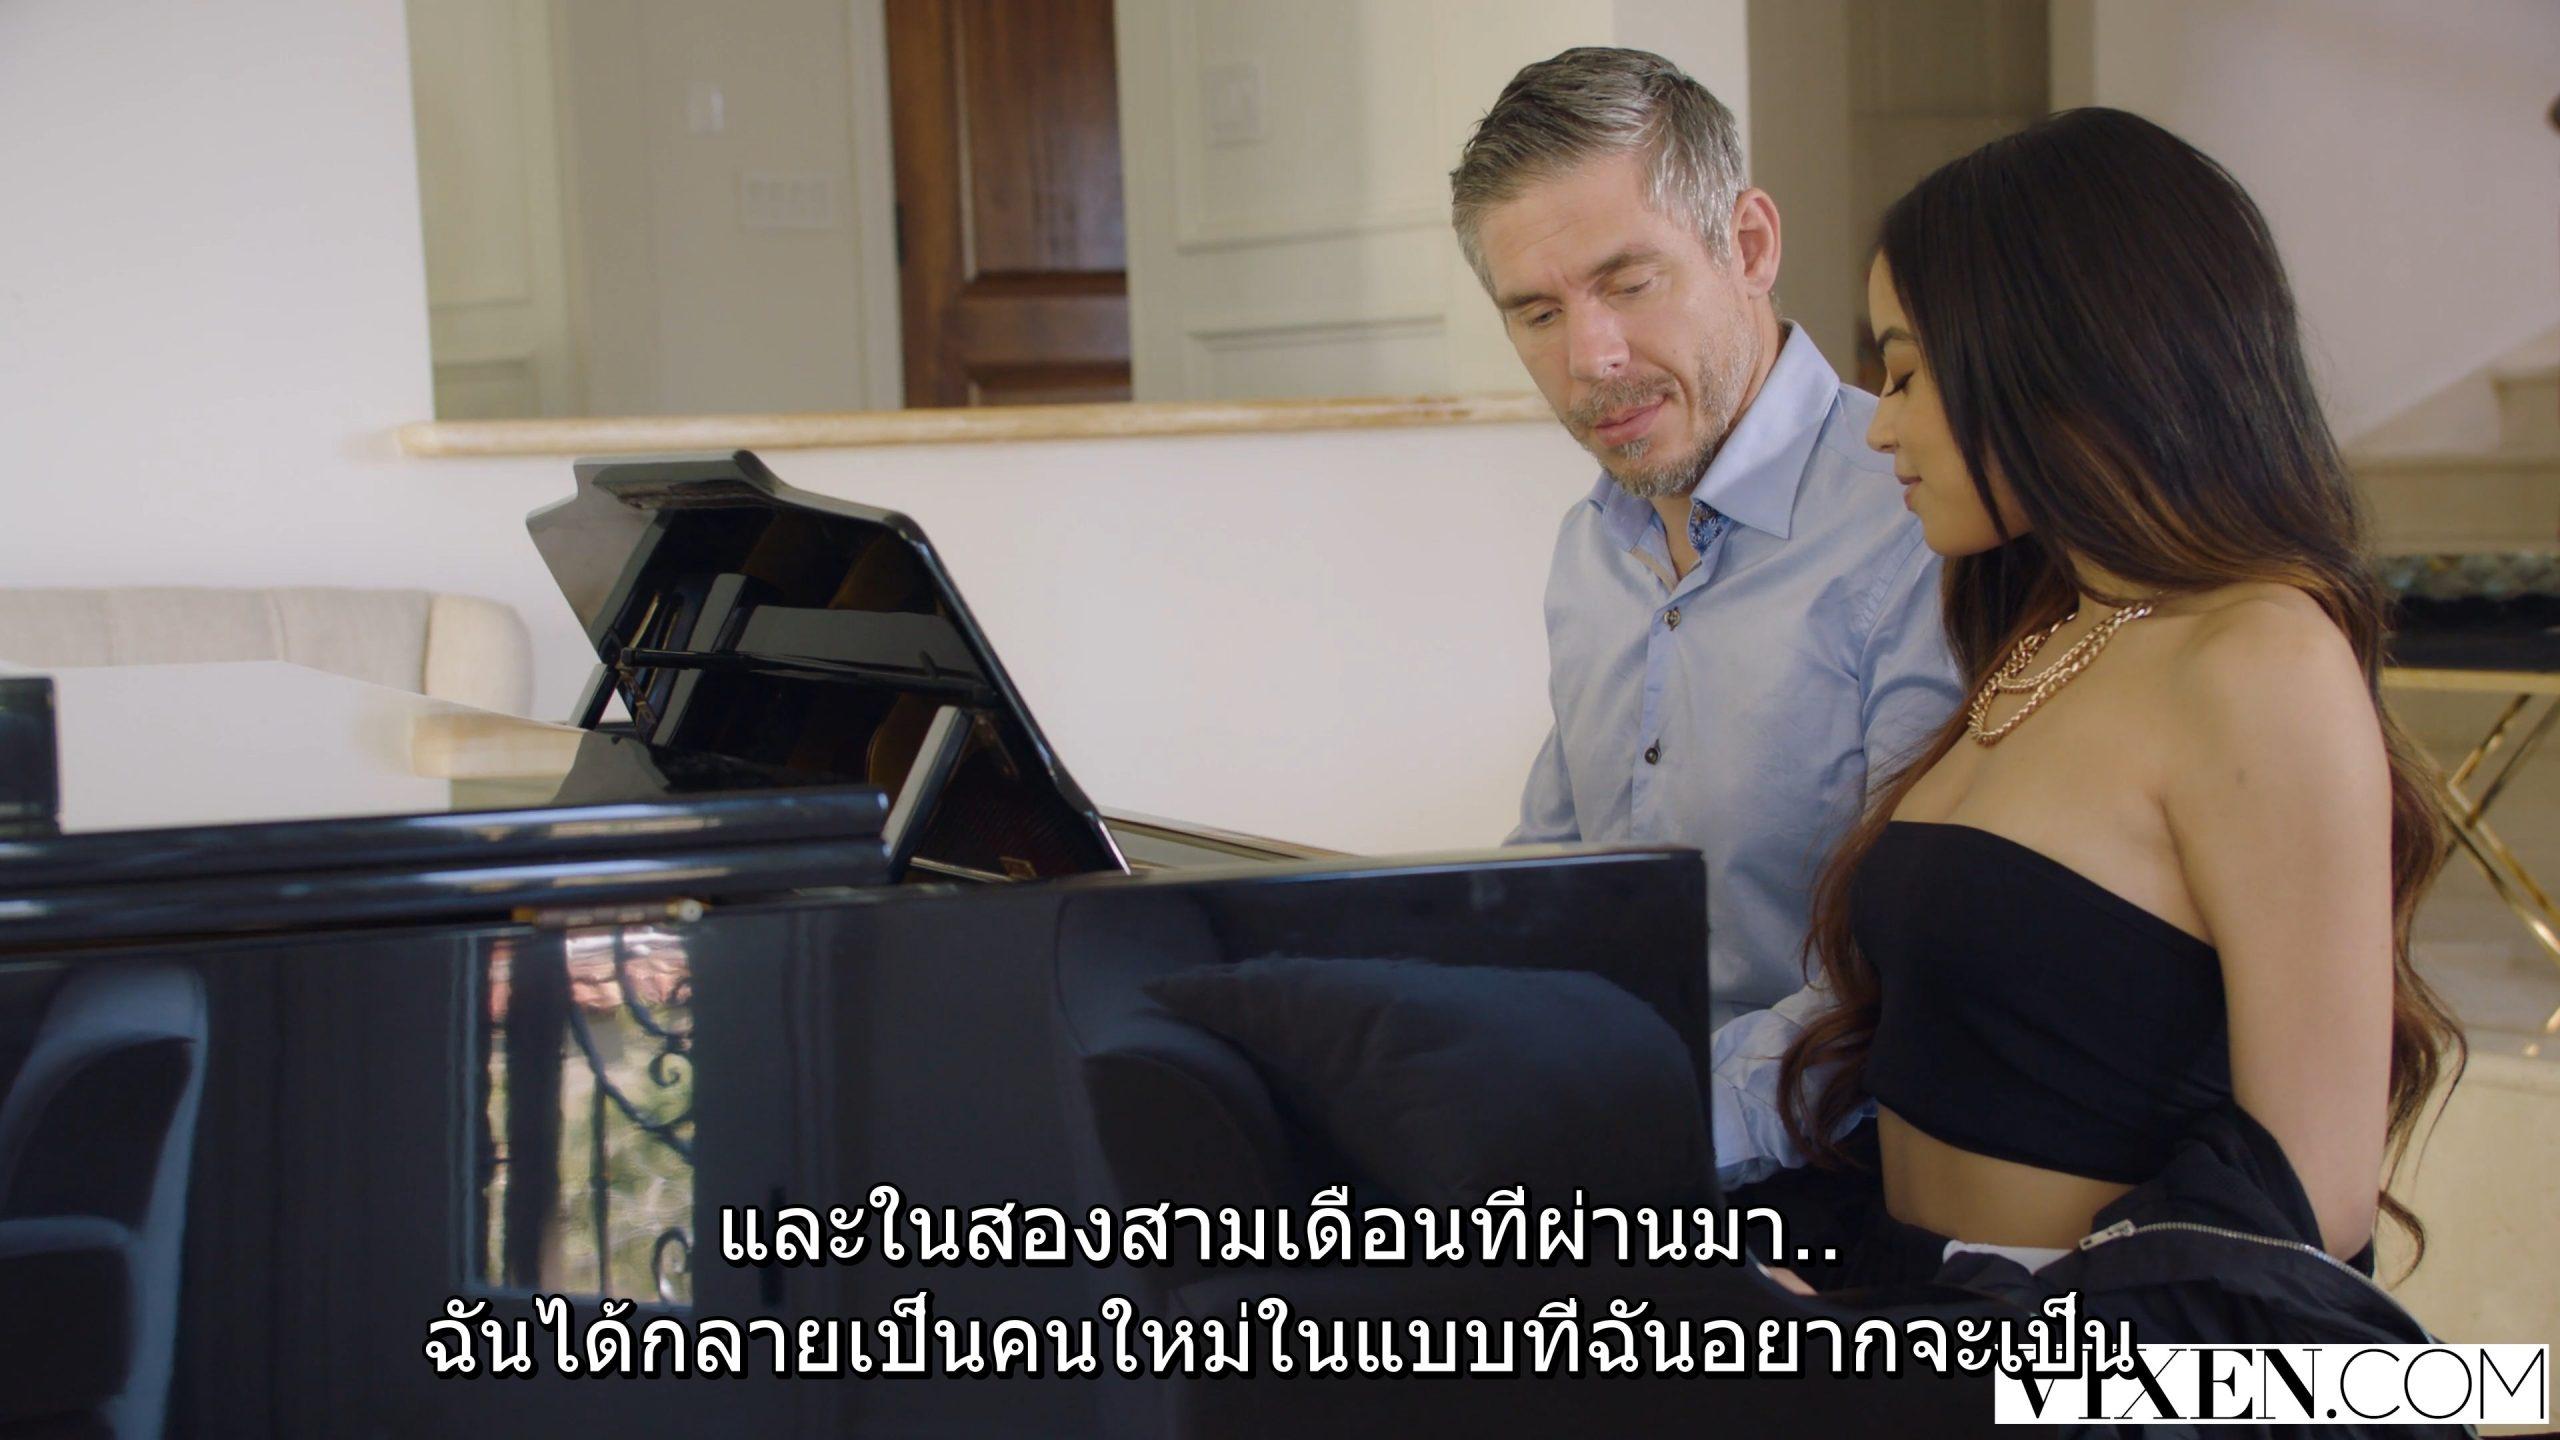 ดูหนังโป๊ออนไลน์ฟรี นักร้องฉาวกับผู้จัดการสุดฮอต คลิปโป๊ฝรั่ง